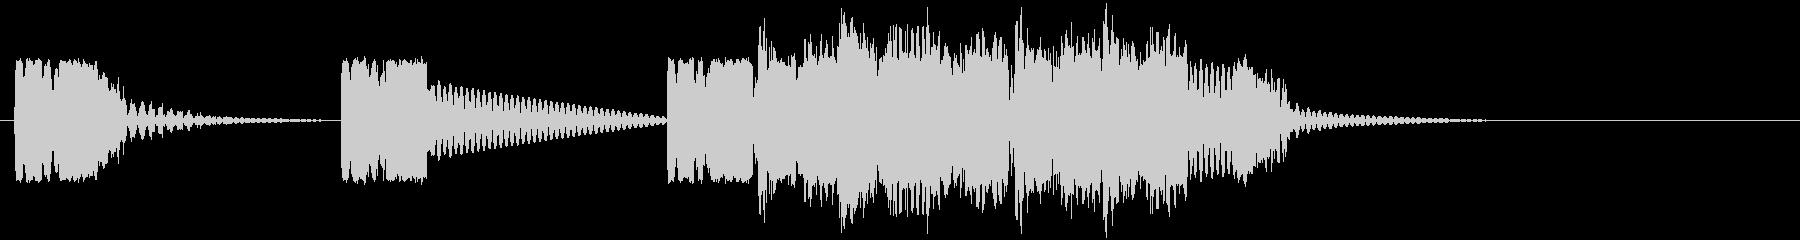 ロボットサウンド 機械音3の未再生の波形